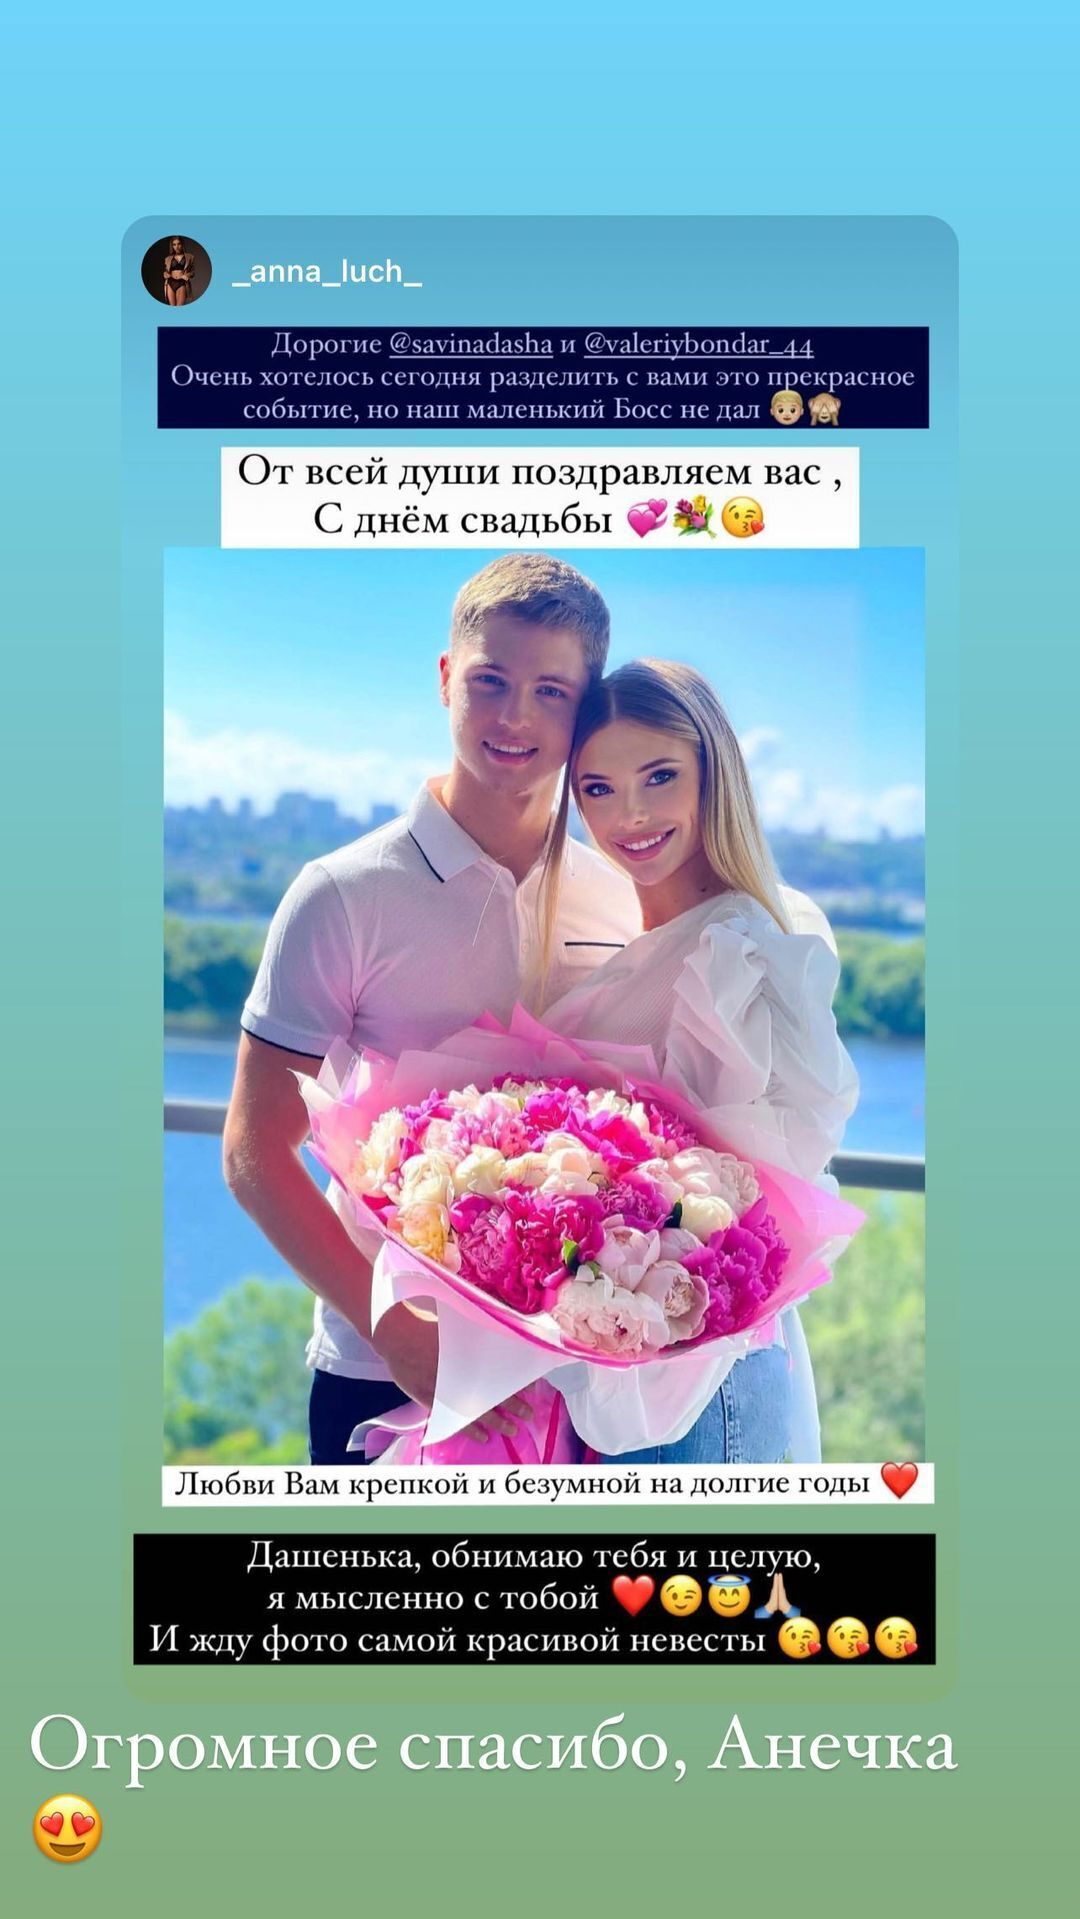 Анна Лучкевич поздравила молодожен